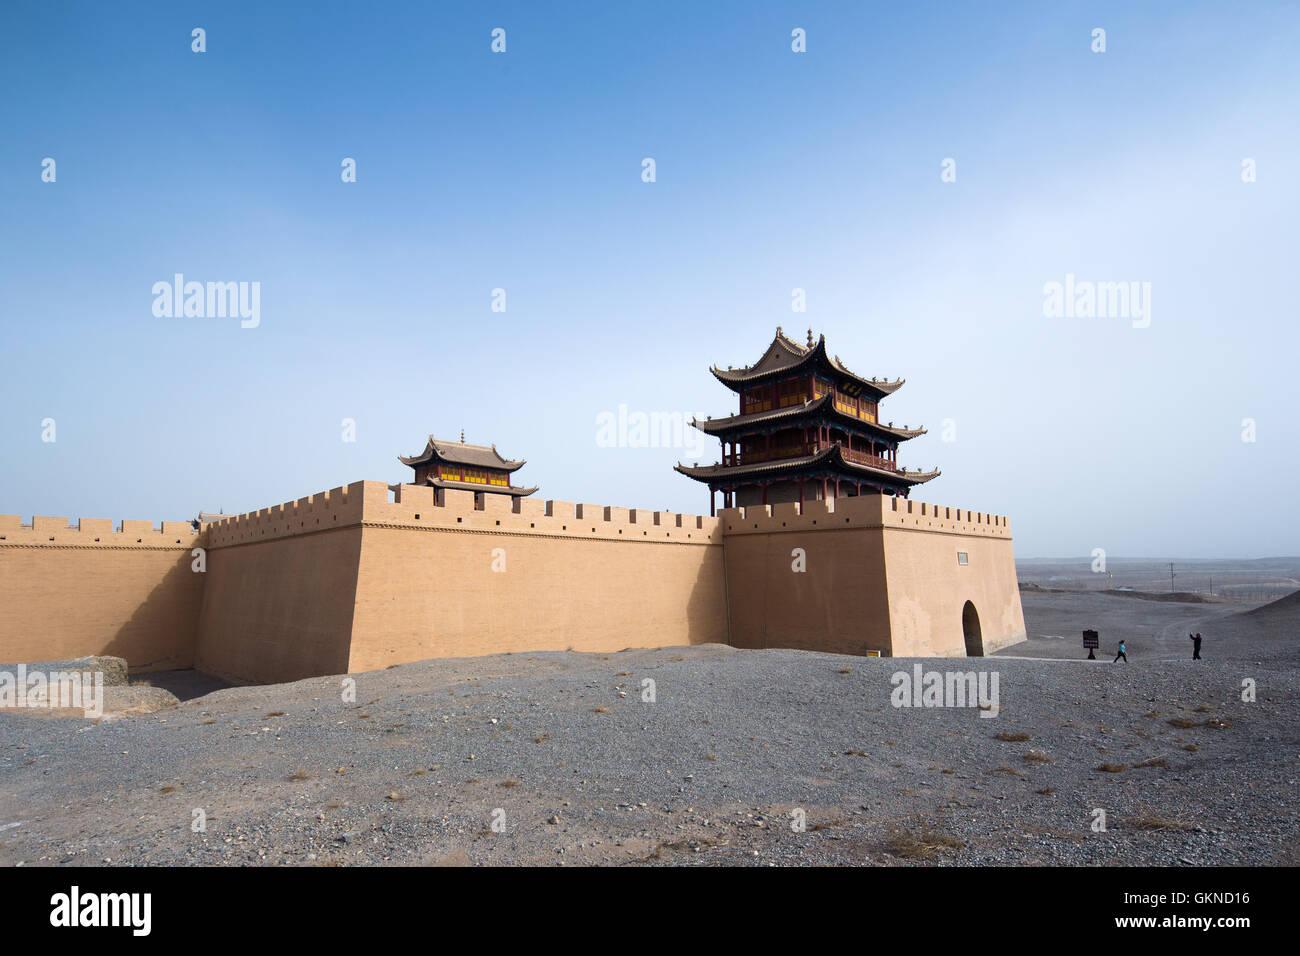 Jiayuguan, Gansu Province, China - Stock Image